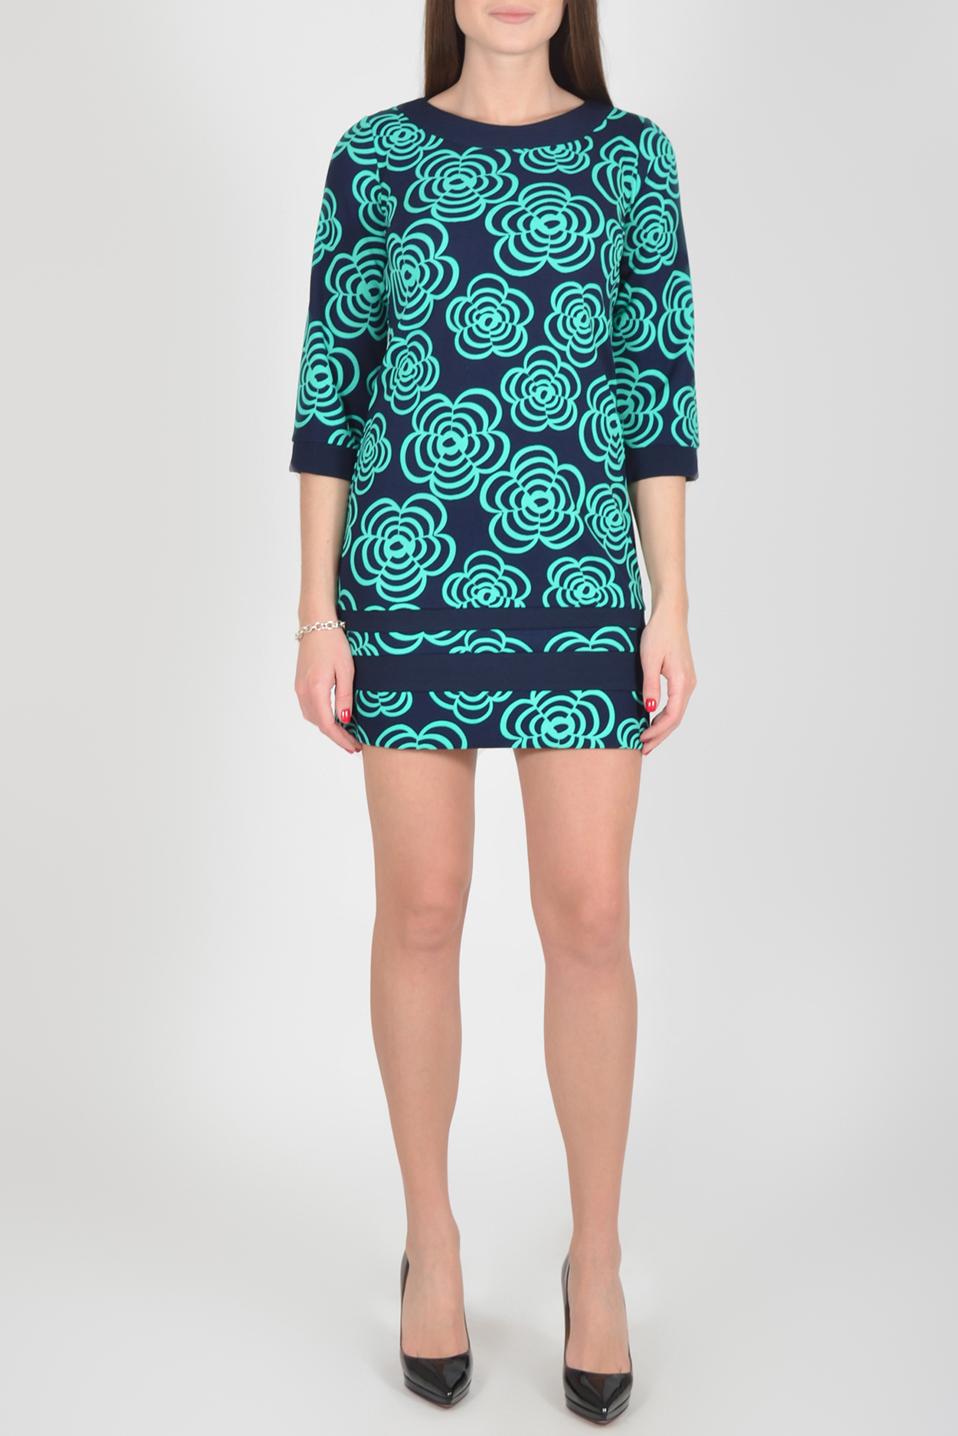 ПлатьеПлатья<br>Цветное платье с круглой горловиной и рукавами 3/4. Модель выполнена из приятного материала. Отличный выбор для повседневного гардероба.  Длина изделия по спинке 82 см.  В изделии использованы цвета: темно-синий, бирюзовый  Рост девушки-фотомодели 175 см.  Параметры размеров: 42 размер - обхват груди 84 см., обхват талии 66 см., обхват бедер 92 см. 44 размер - обхват груди 88 см., обхват талии 70 см., обхват бедер 96 см. 46 размер - обхват груди 92 см., обхват талии 74 см., обхват бедер 100 см. 48 размер - обхват груди 96 см., обхват талии 78 см., обхват бедер 104 см. 50 размер - обхват груди 100 см., обхват талии 82 см., обхват бедер 108 см. 52 размер - обхват груди 104 см., обхват талии 86 см., обхват бедер 112 см. 54 размер - обхват груди 108 см., обхват талии 91 см., обхват бедер 116 см. 56 размер - обхват груди 112 см., обхват талии 95 см., обхват бедер 120 см. 58 размер - обхват груди 116 см., обхват талии 100 см., обхват бедер 124 см. 60 размер - обхват груди 120 см., обхват талии 105 см., обхват бедер 128 см.<br><br>Горловина: С- горловина<br>По длине: До колена<br>По материалу: Трикотаж<br>По рисунку: Растительные мотивы,С принтом,Цветные,Цветочные<br>По сезону: Зима,Осень,Весна<br>По силуэту: Полуприталенные<br>По стилю: Повседневный стиль<br>По форме: Платье - футляр<br>По элементам: С манжетами<br>Рукав: Рукав три четверти<br>Размер : 44,46,48,50,52<br>Материал: Трикотаж<br>Количество в наличии: 12